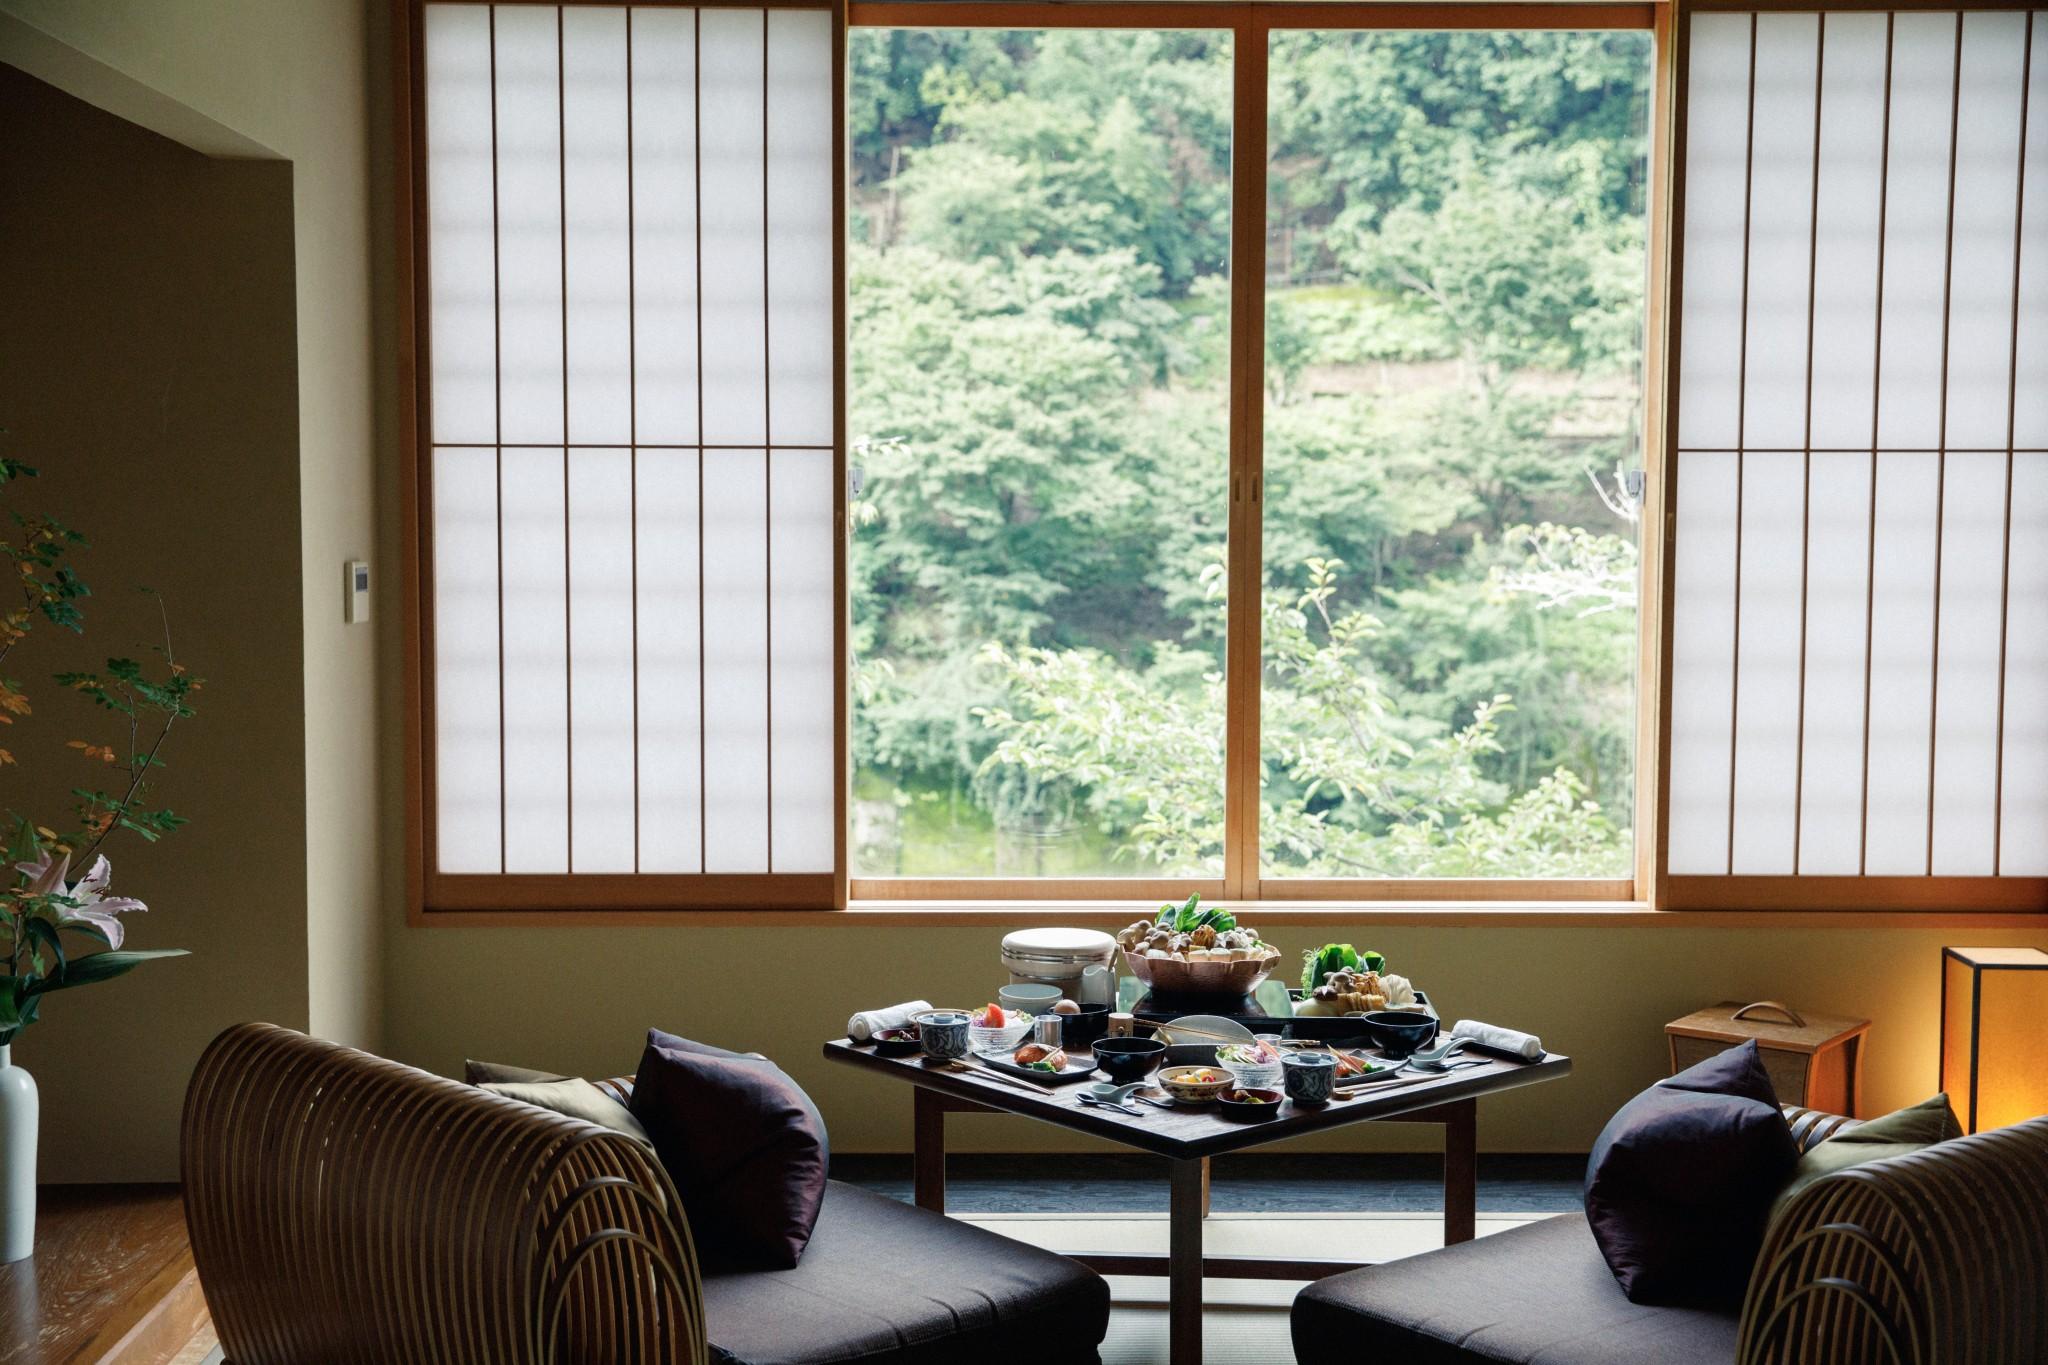 憧れ贅沢ステイを叶えるなら。【京都】嵐山〈星のや京都〉で京都文化に触れる特別な体験を。